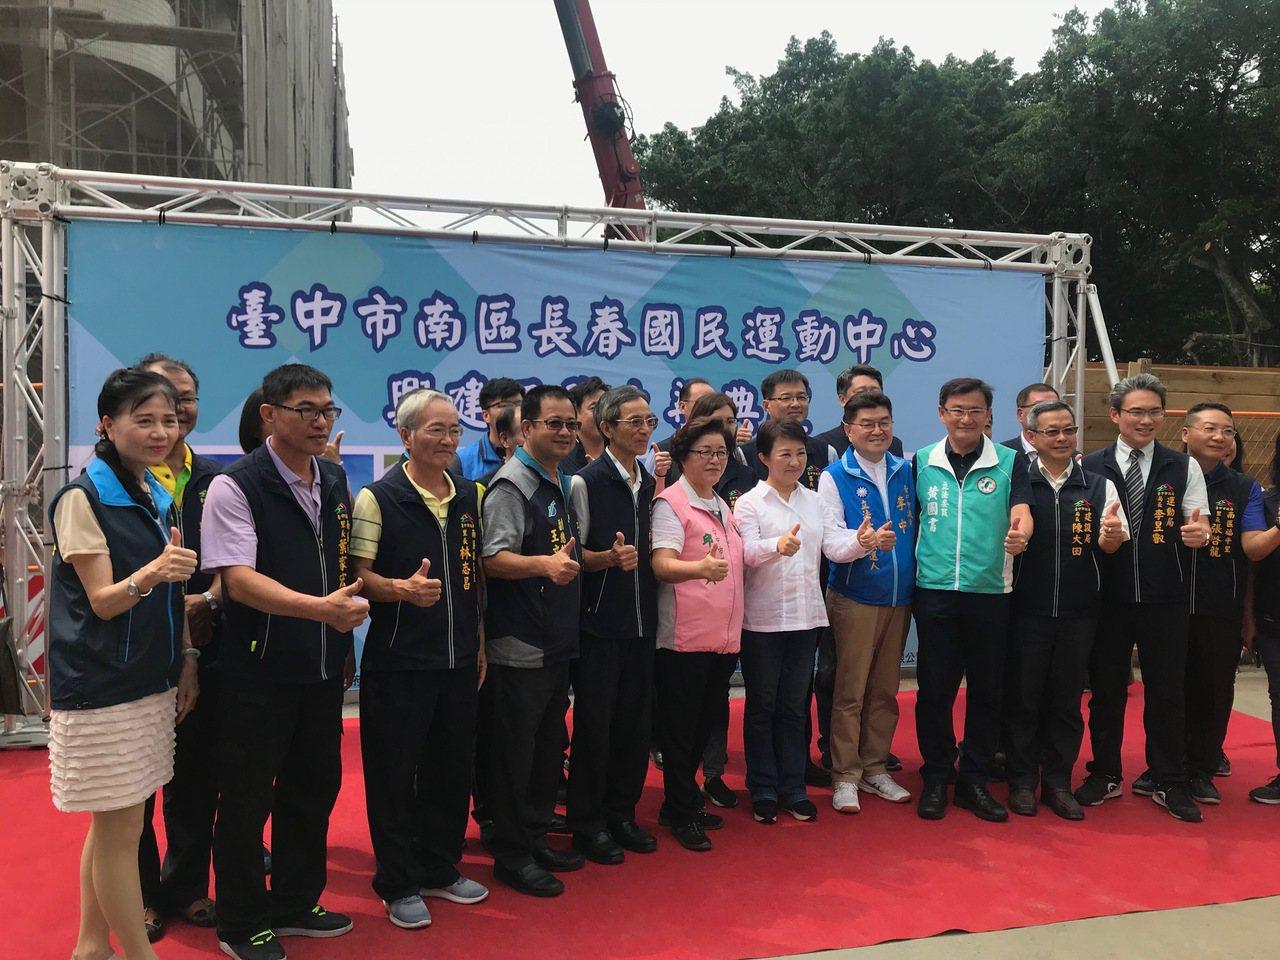 台中市南區長春運動中心昨天上梁,市長與民代都豎姆指說讚。 記者洪敬浤/攝影